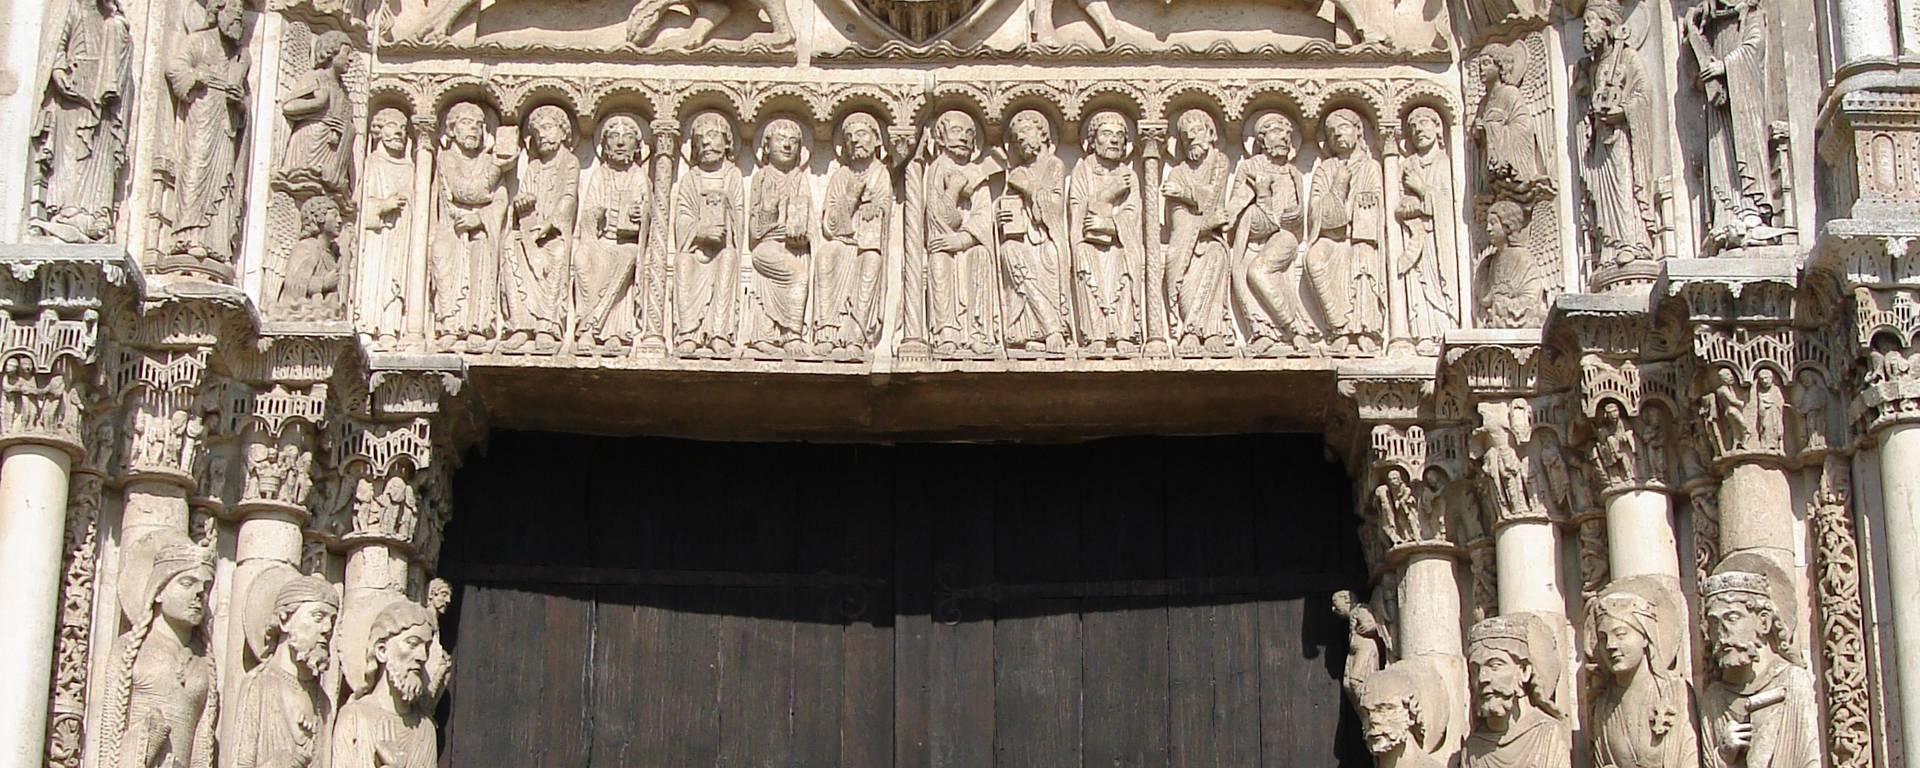 Détails du Portail Royal de la cathédrale de Chartres